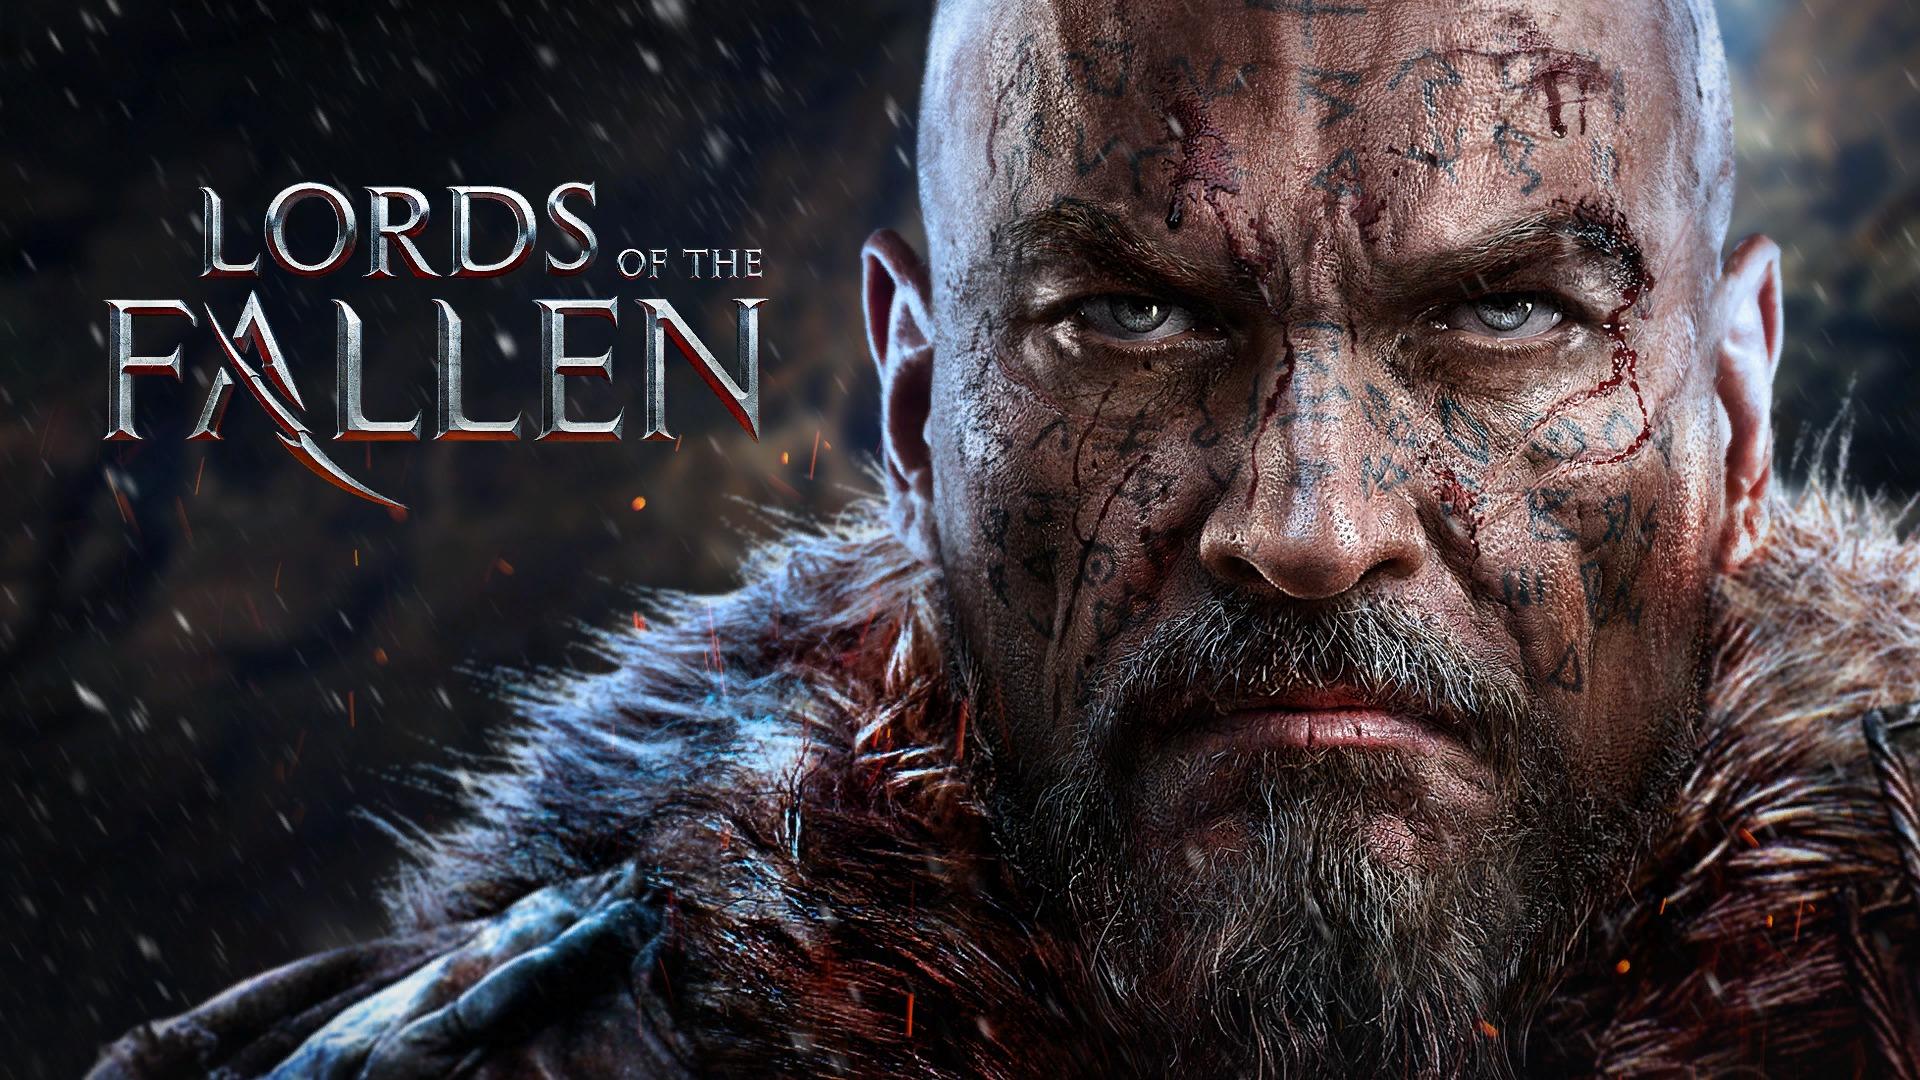 Niebawem pojawi się dodatek do Lords of the Fallen! Znamy już jego nazwę